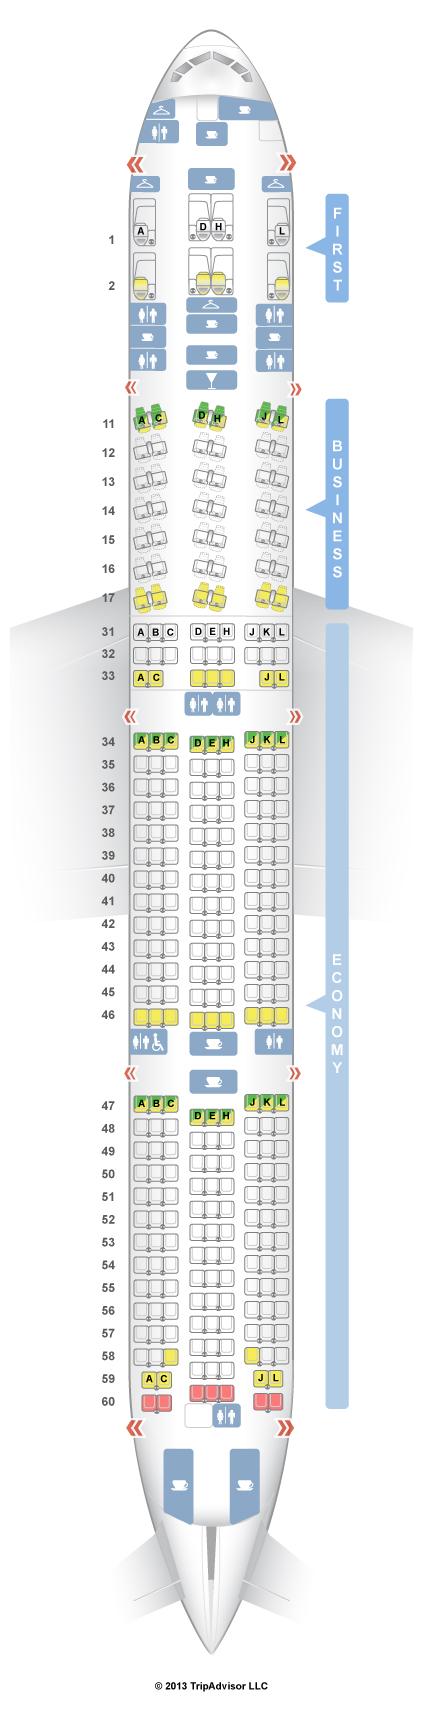 SeatGuru Seat Map Air China Boeing 777-300ER (77W)